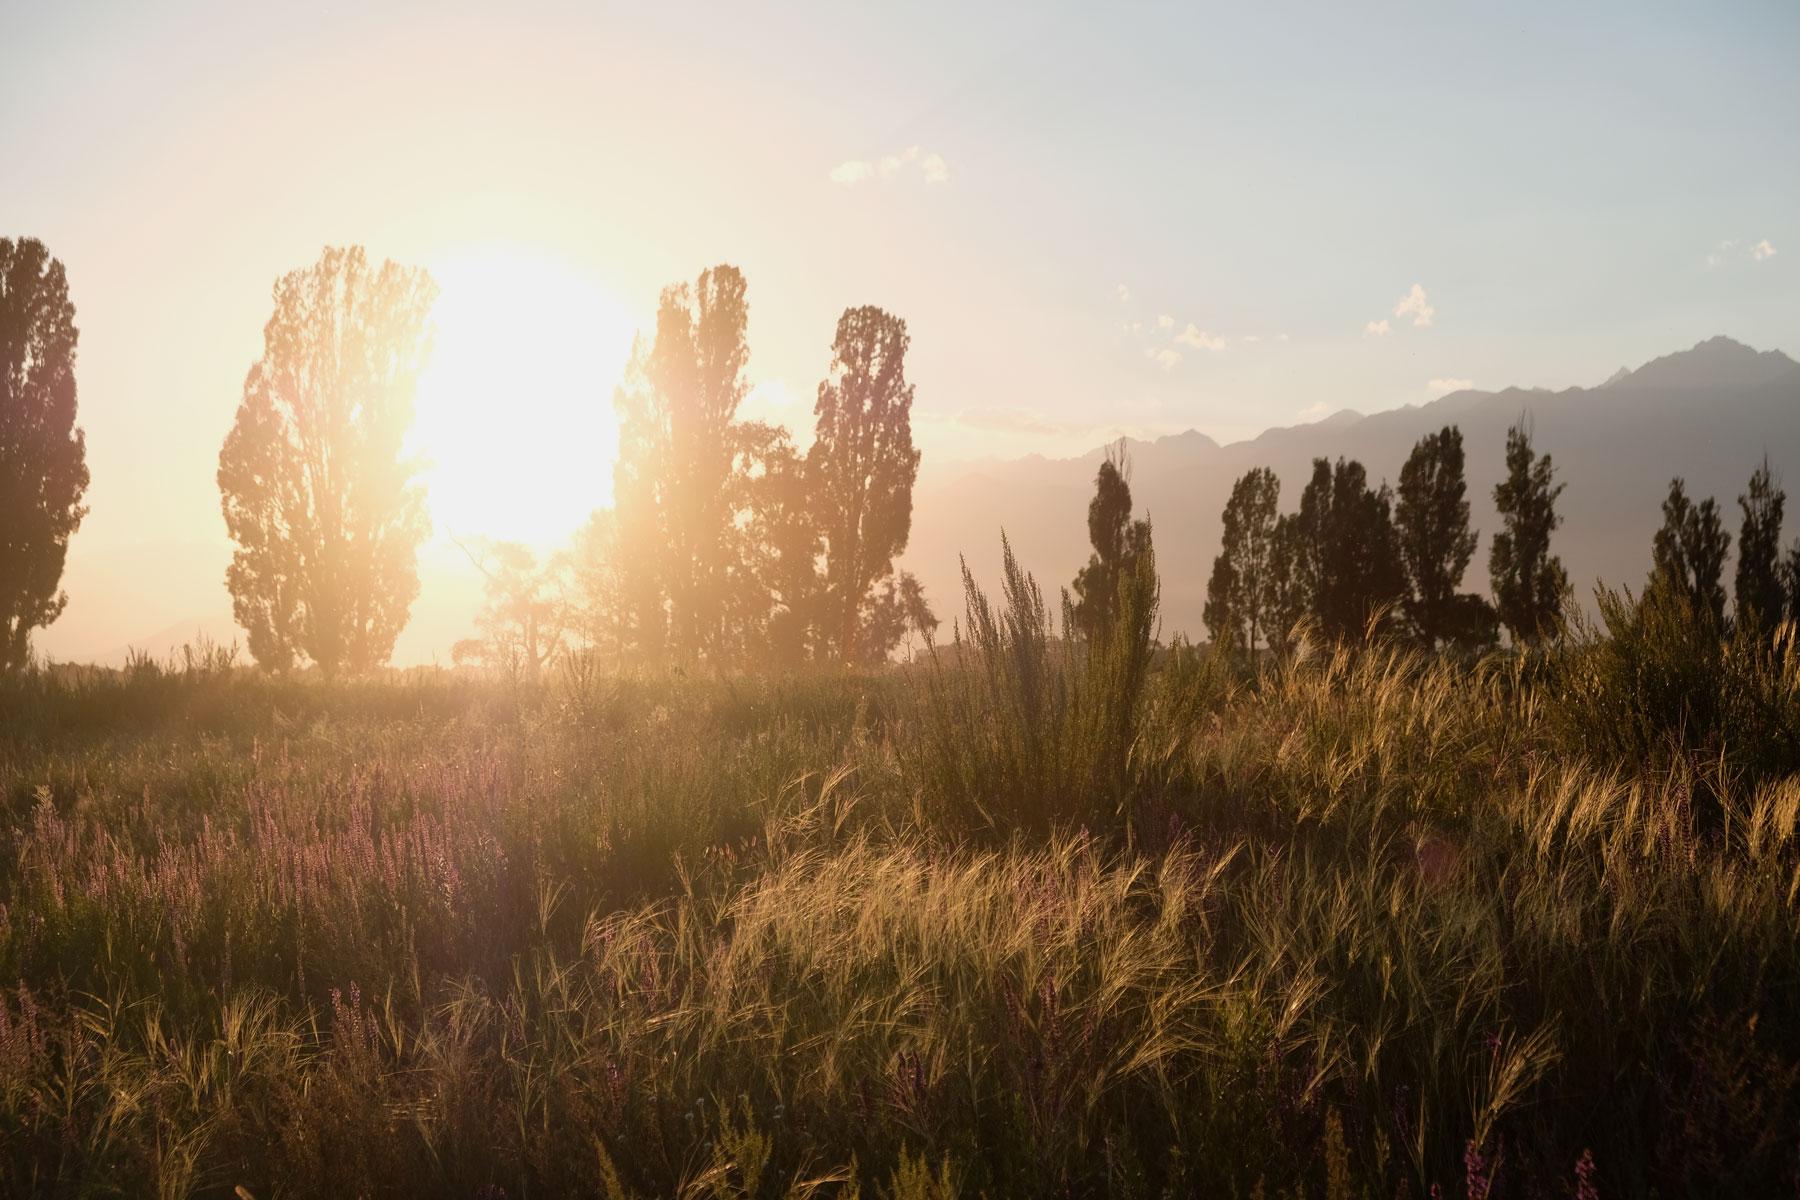 Wiese im Licht des Sonnenuntergangs.